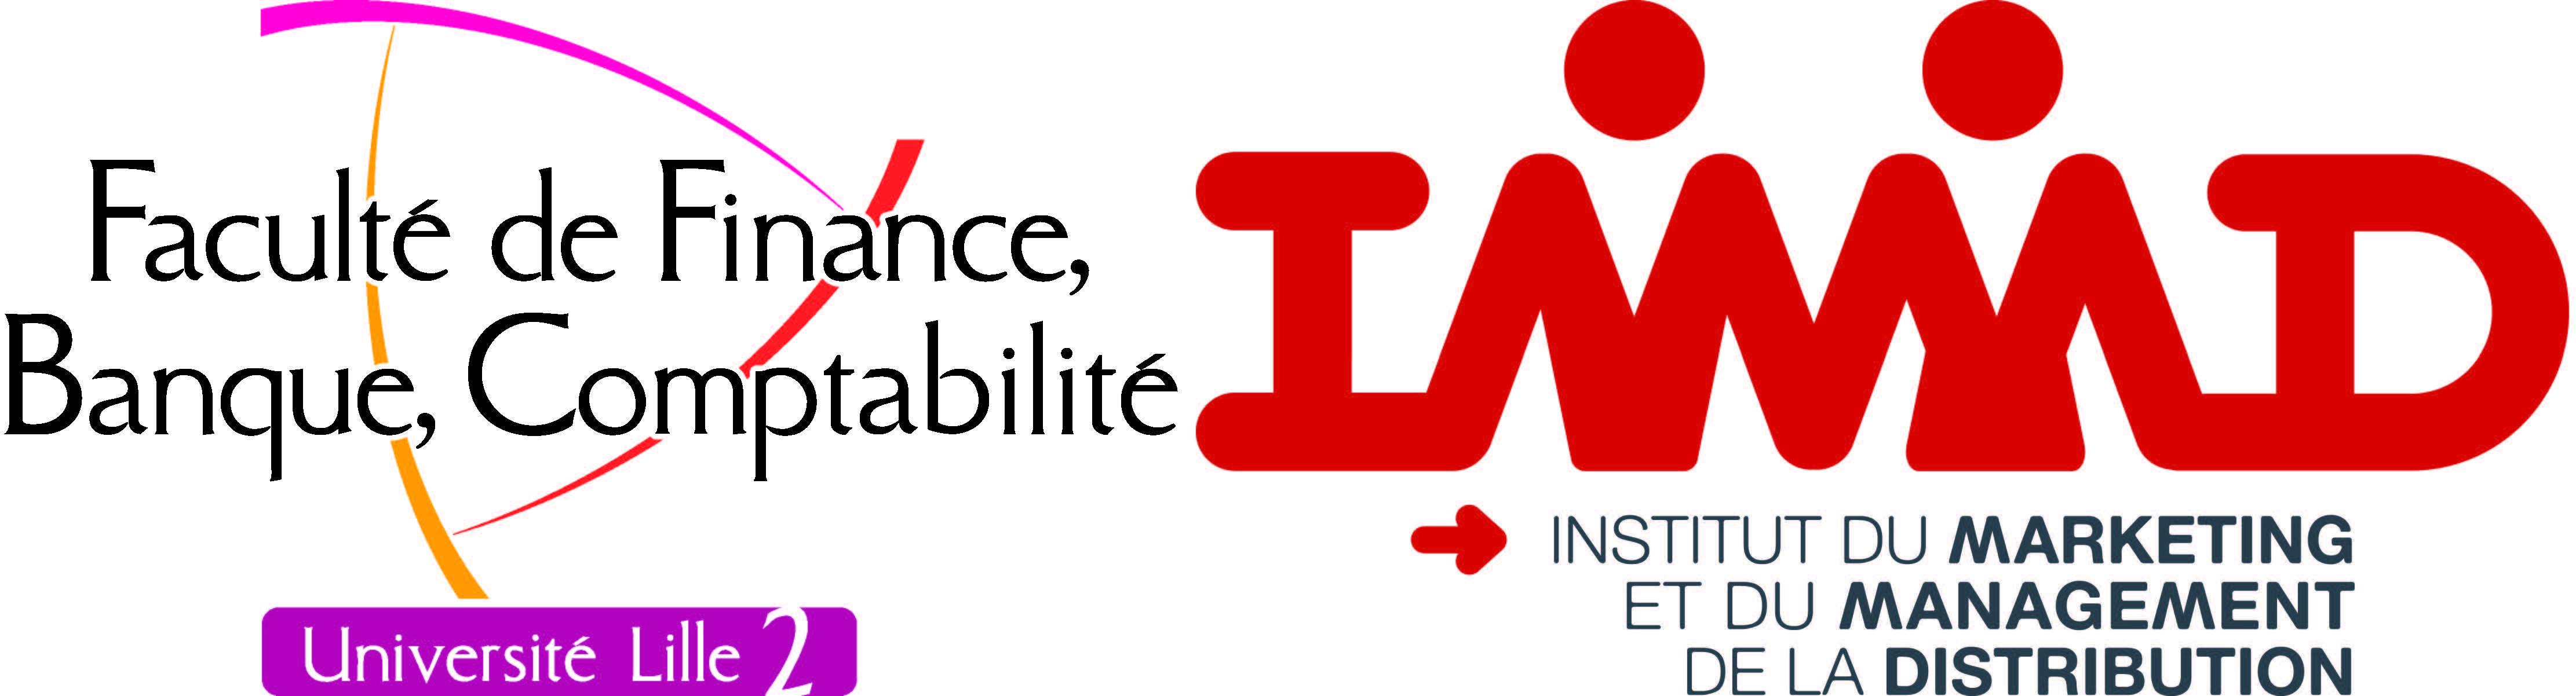 FFBC-IMMD Université de Lille, Droit et Santé